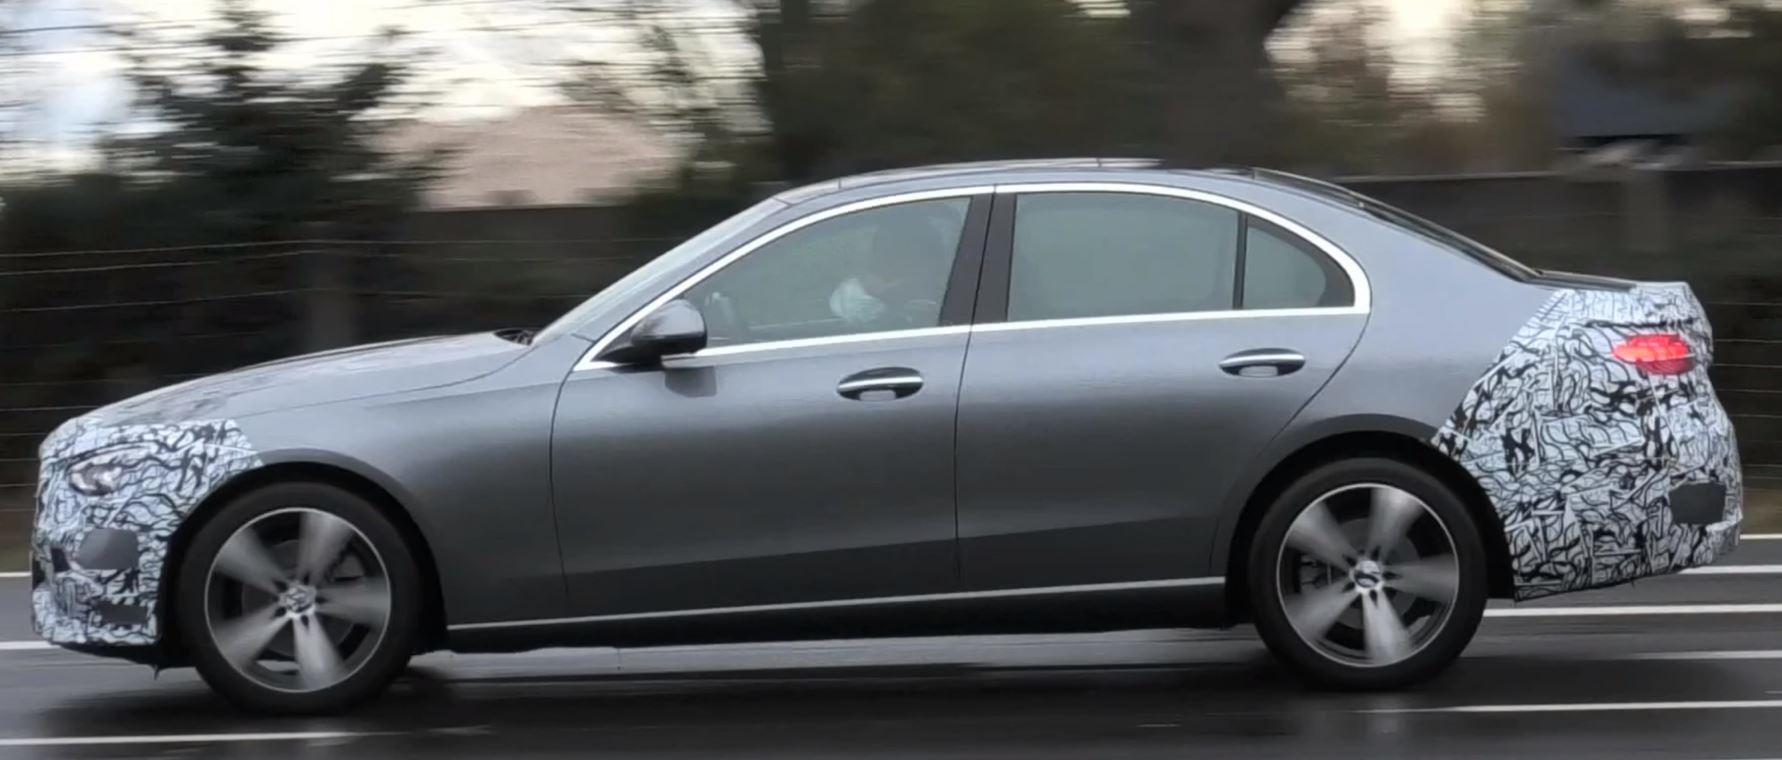 Mercedes C-Klasse (W206)